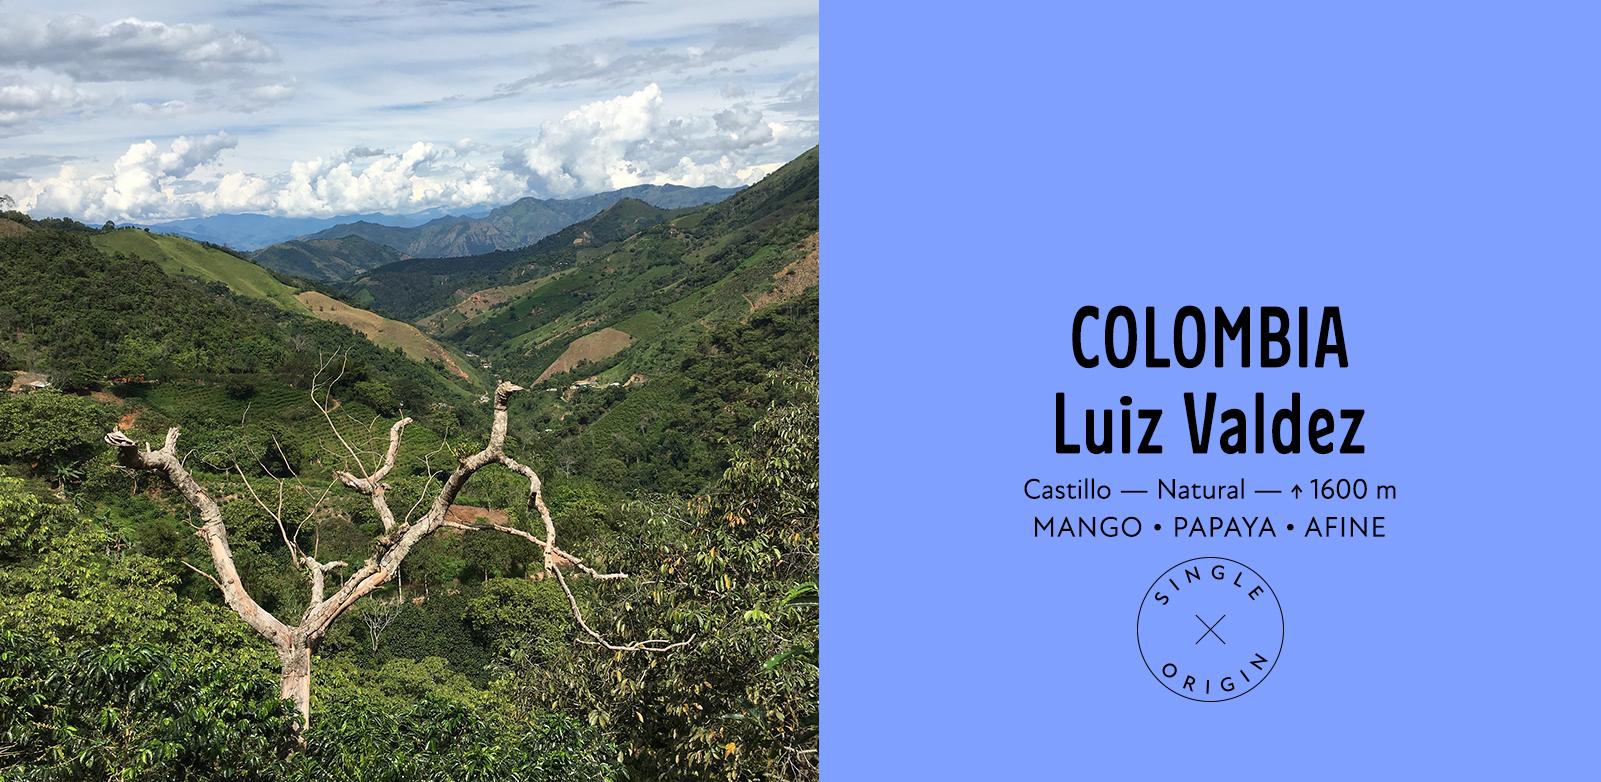 Colombia Luiz Valdez